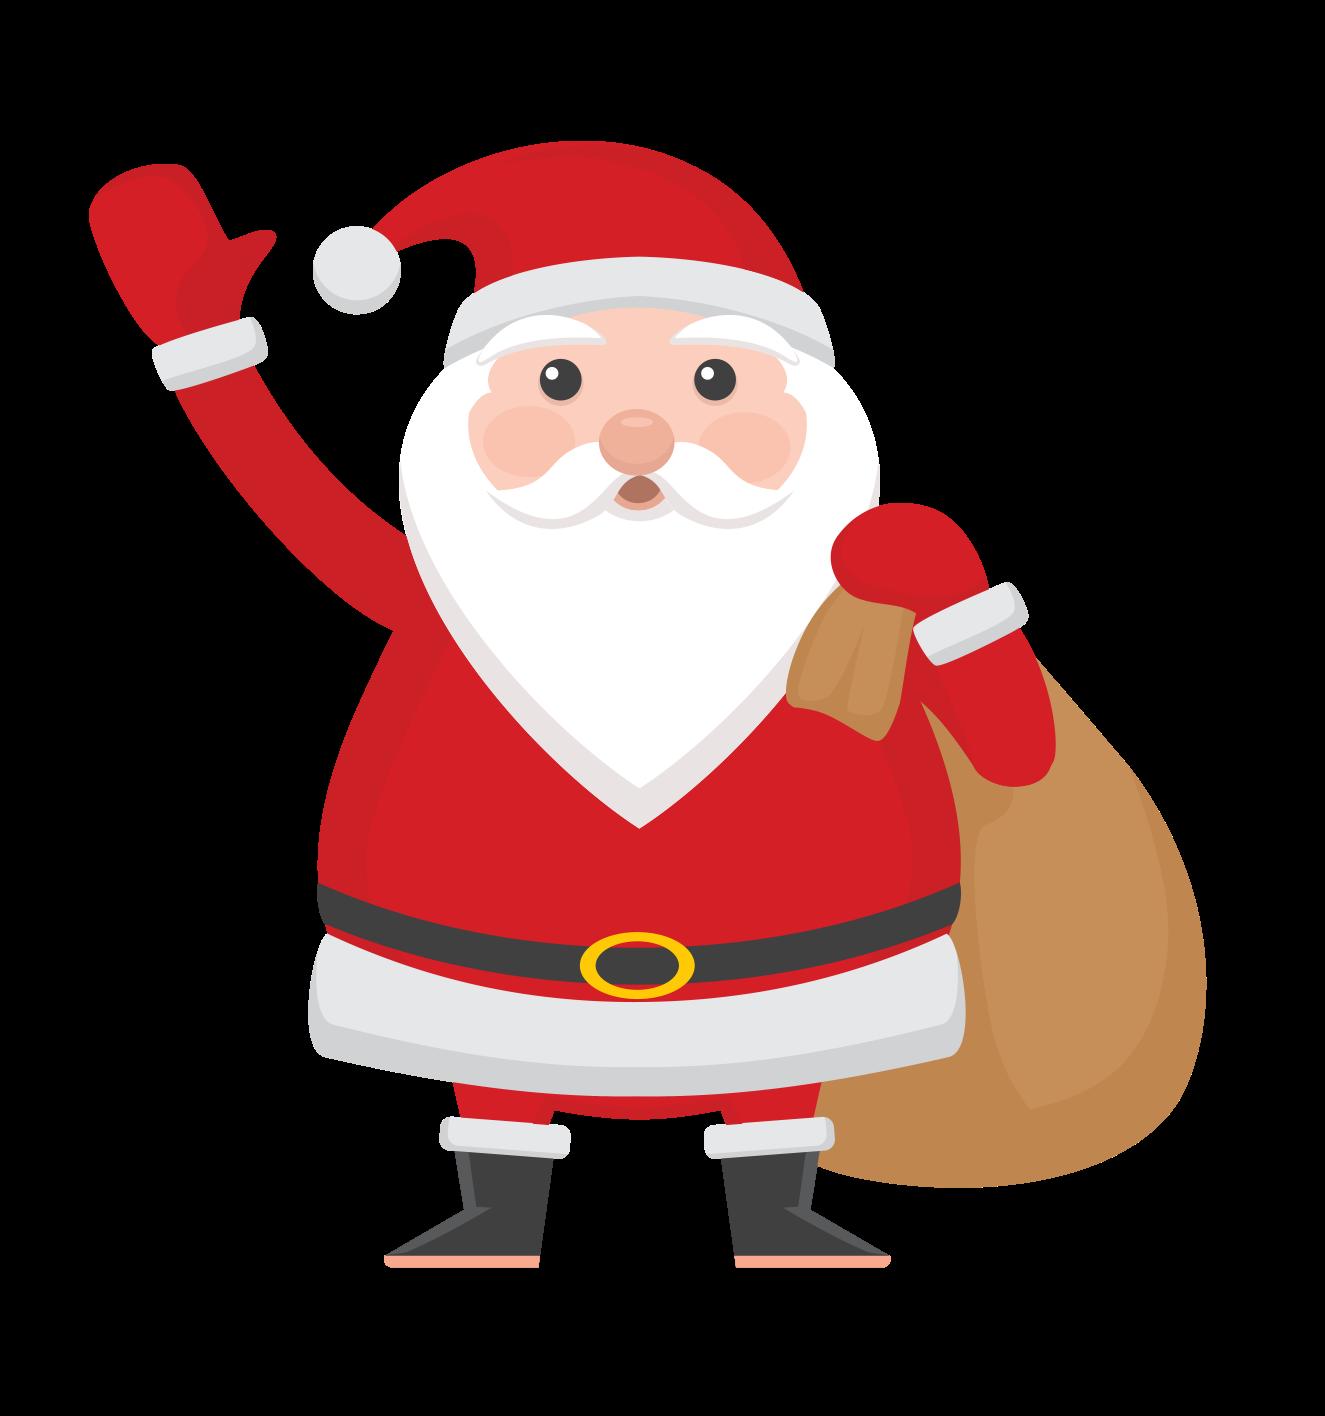 santa claus png clipart image - Free Santa Claus